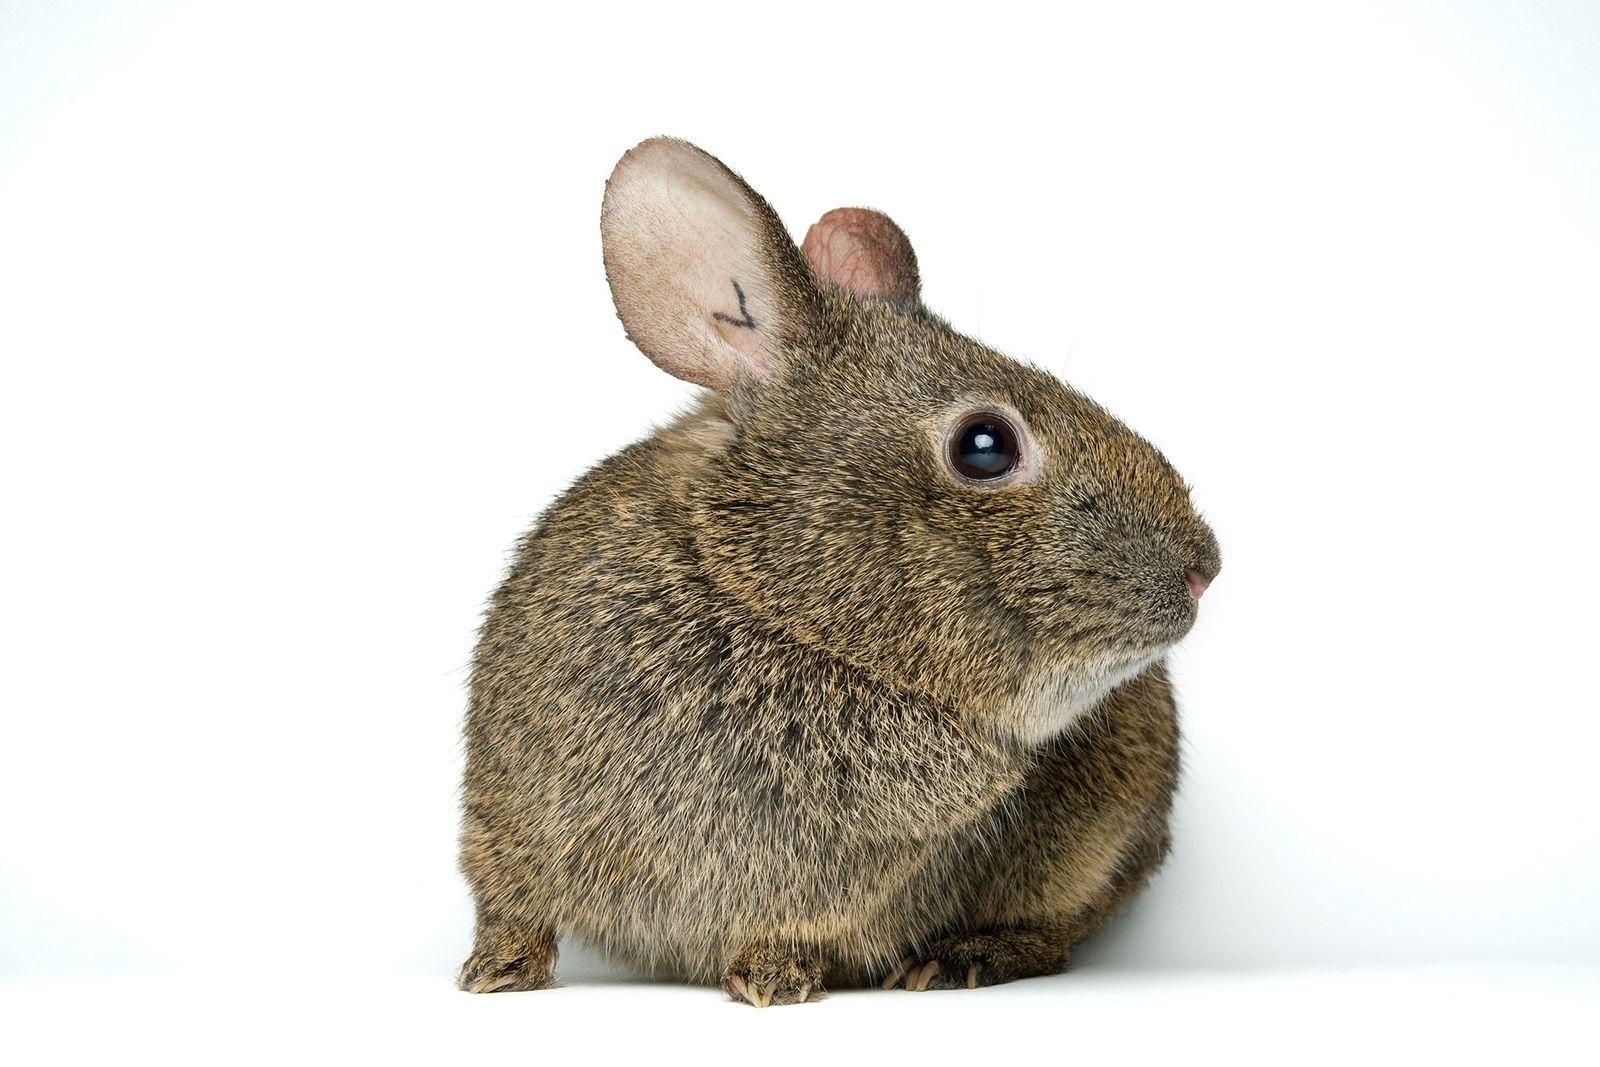 El conejo de los volcanes (también conocido como teporingo) en peligro de extinción vive en las laderas ...